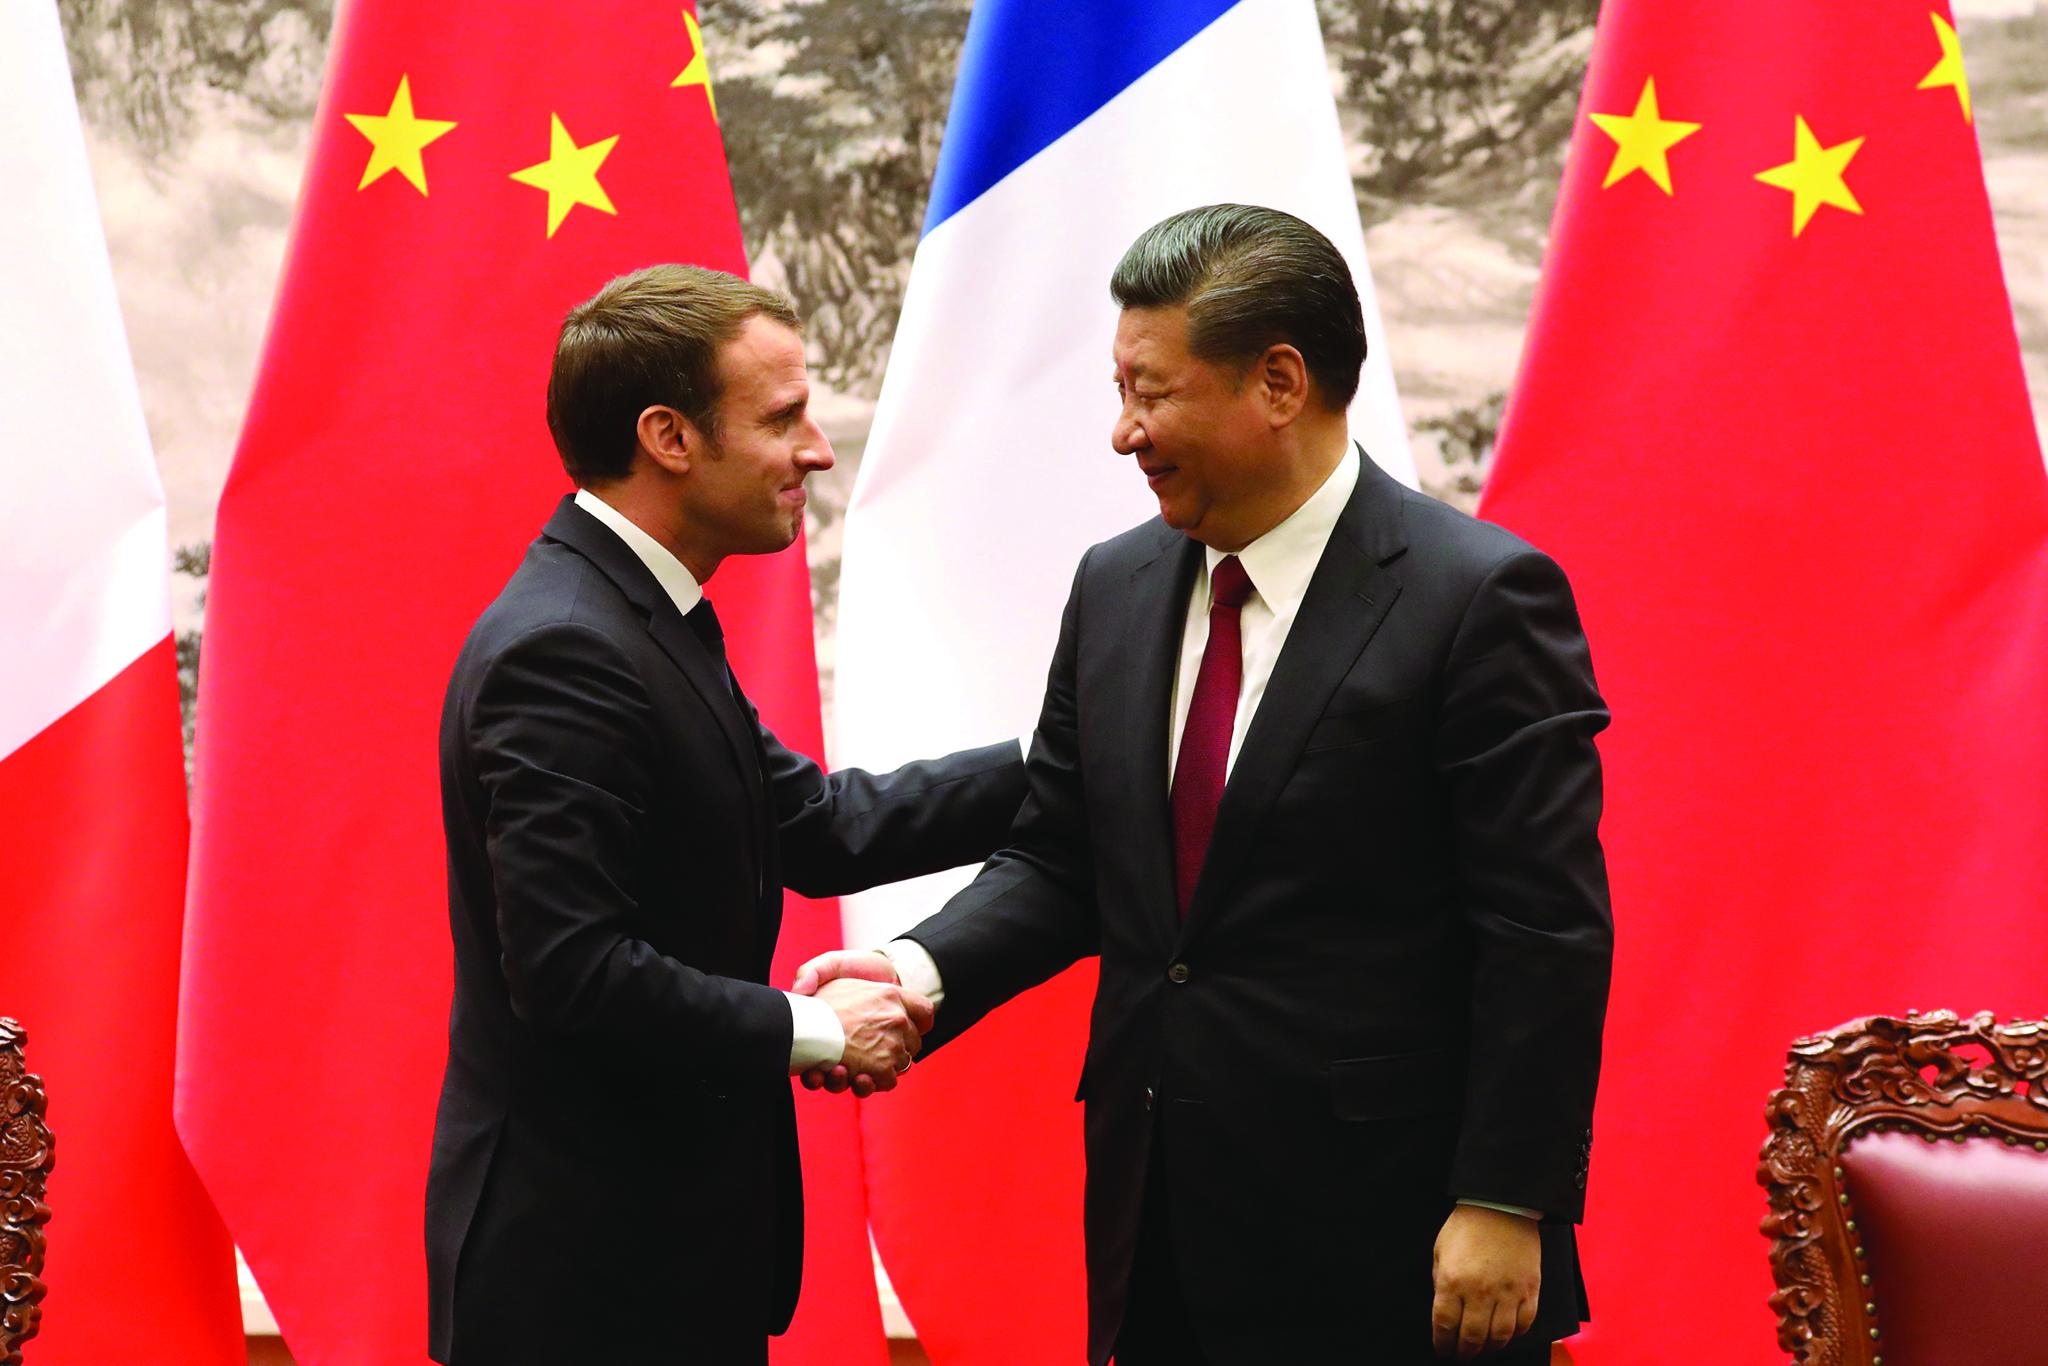 Macron pede a Xi Jinping equilíbrio na relação económica